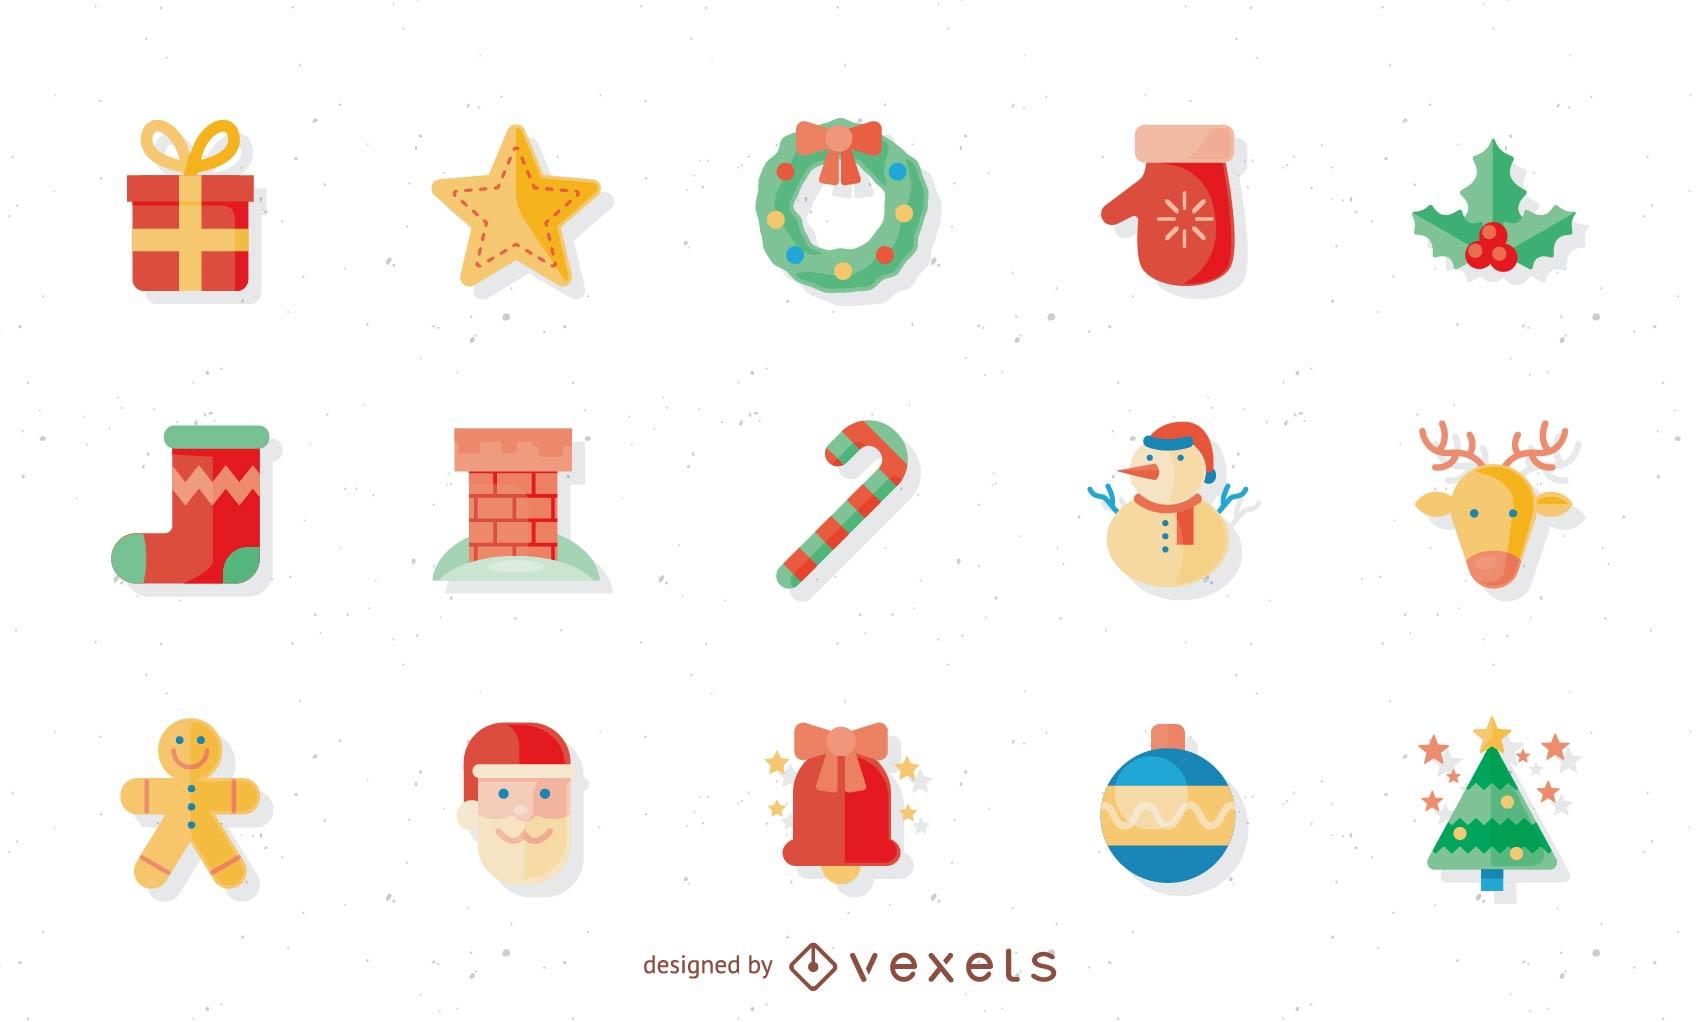 Icono de Navidad de dibujos animados 1